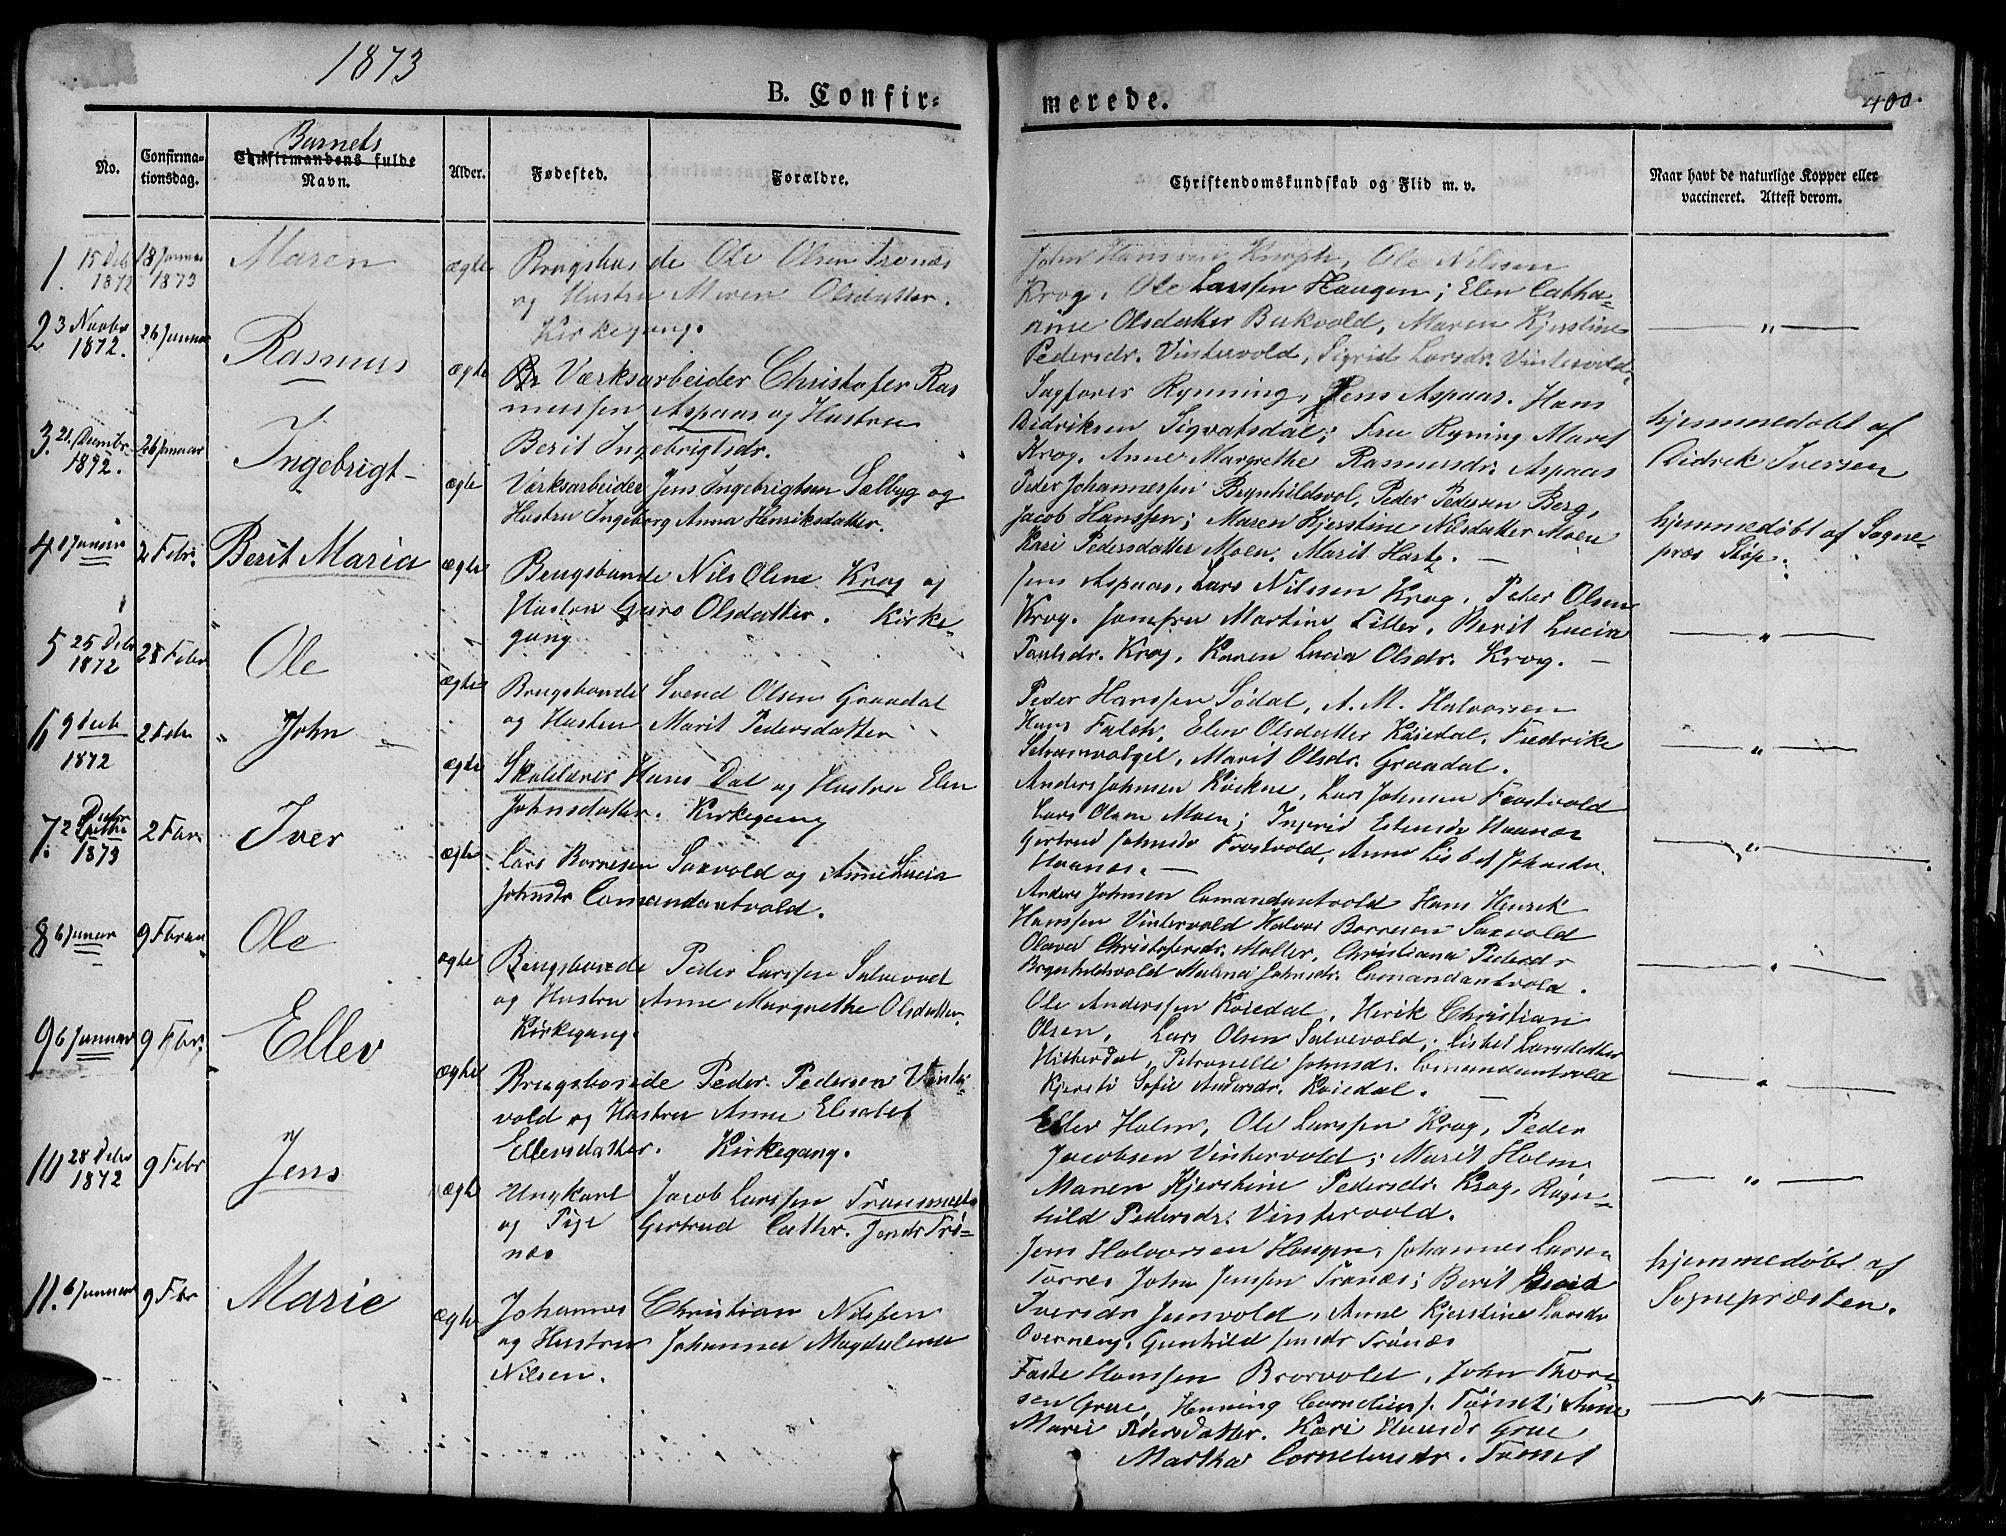 SAT, Ministerialprotokoller, klokkerbøker og fødselsregistre - Sør-Trøndelag, 681/L0938: Klokkerbok nr. 681C02, 1829-1879, s. 400